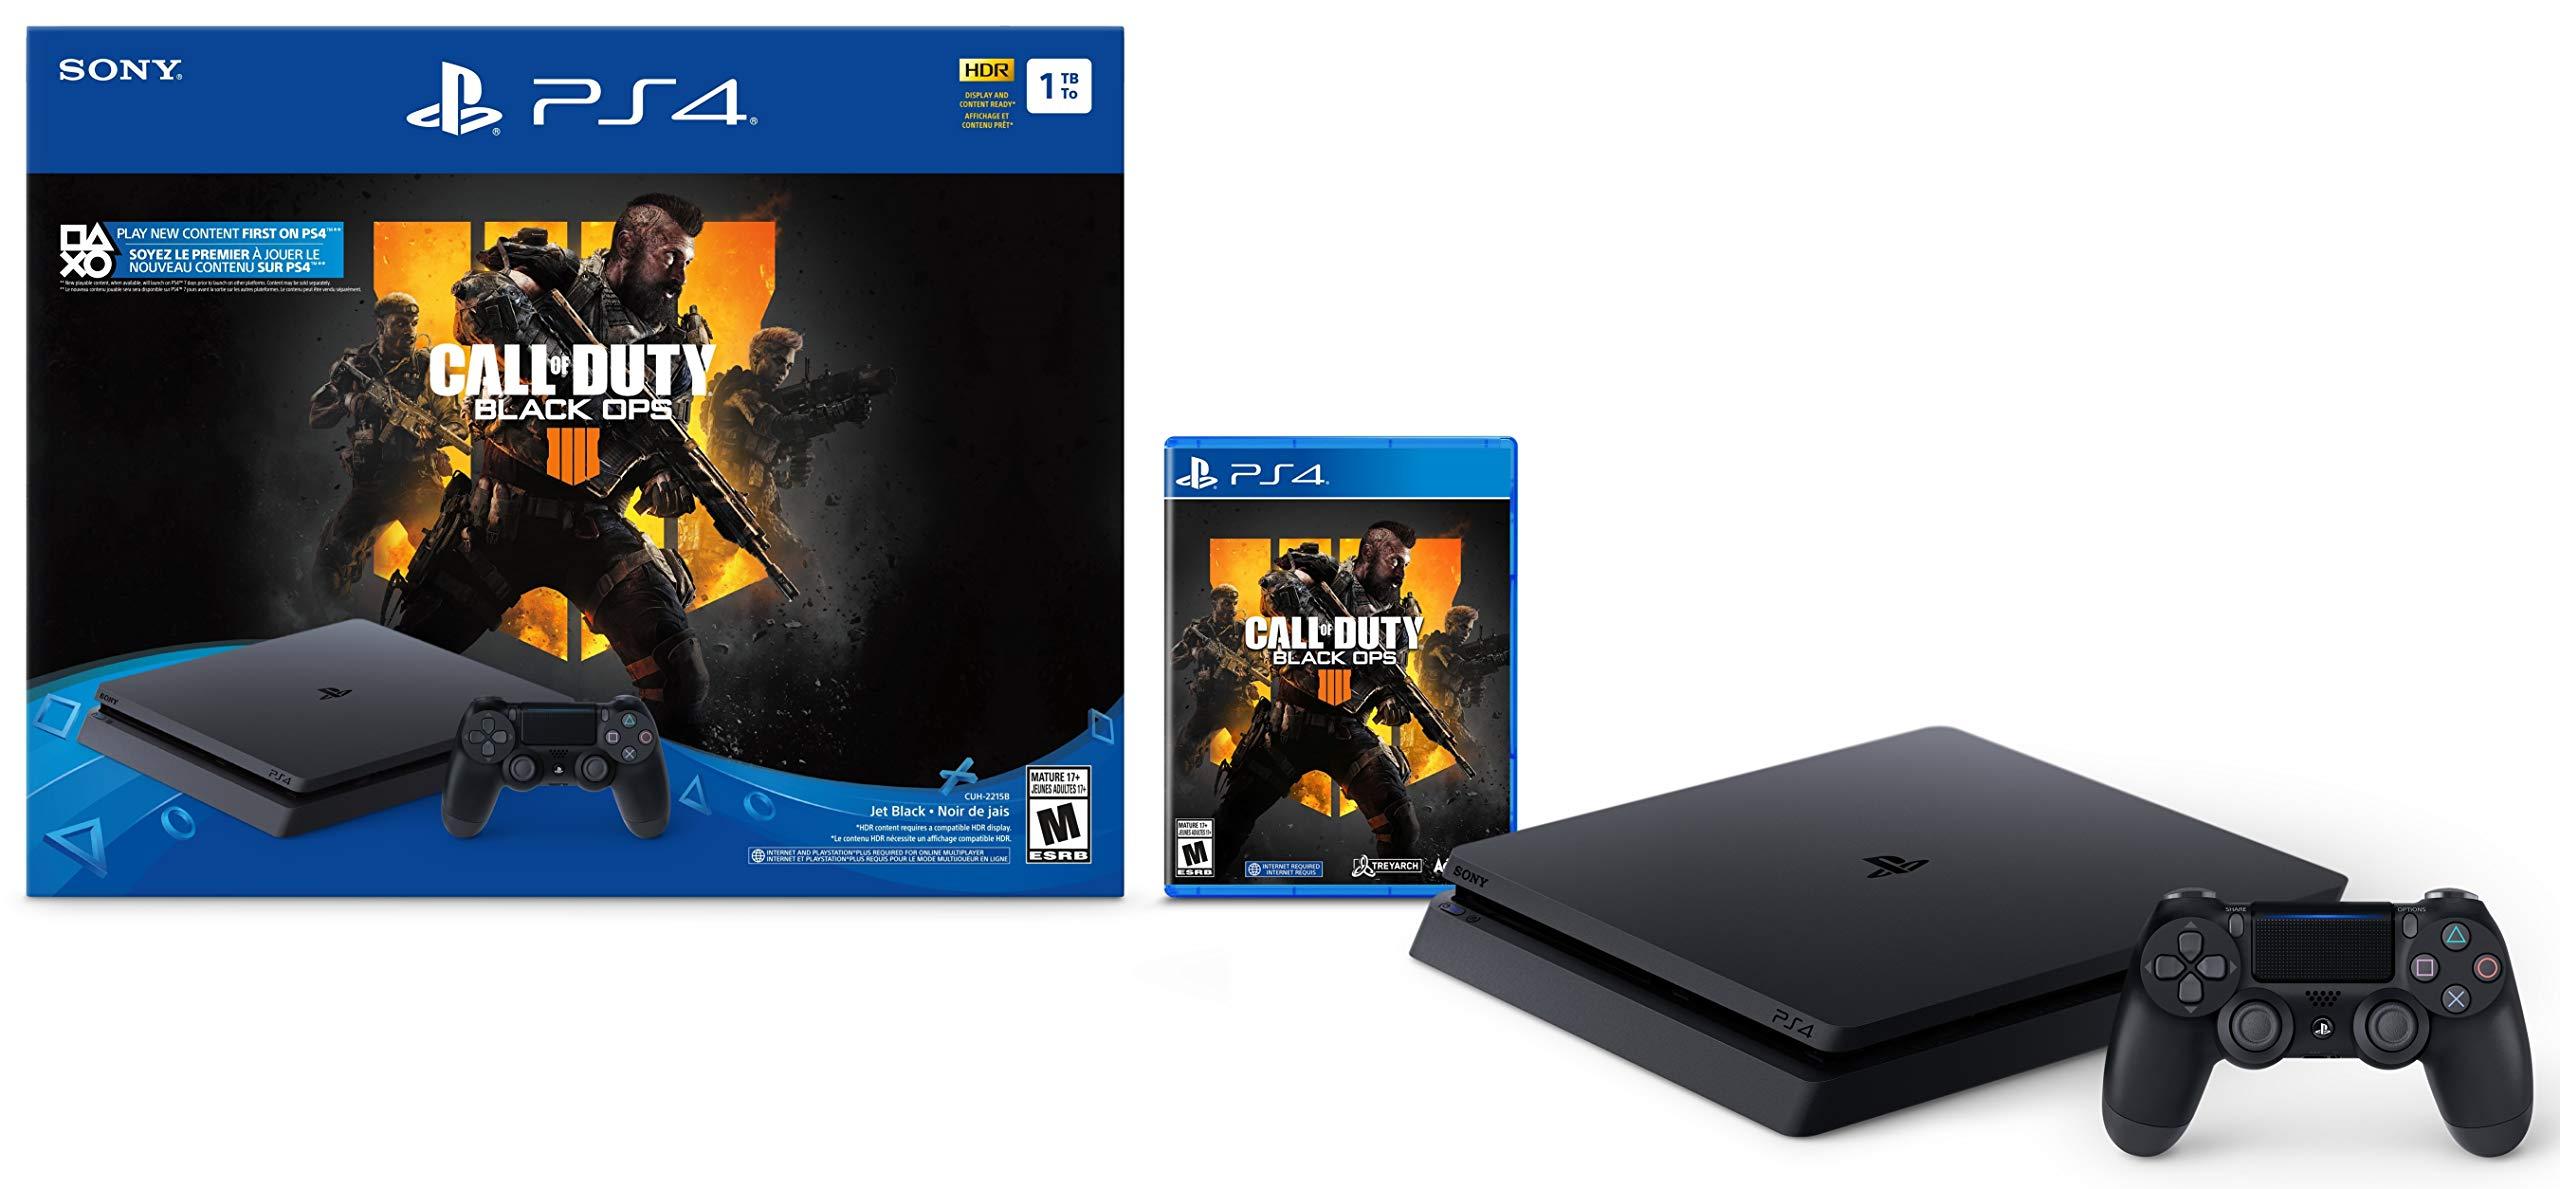 Consola PlayStation 4 Slim de 1 TB - Paquete de Call of Duty: Black Ops 4 [descontinuado]